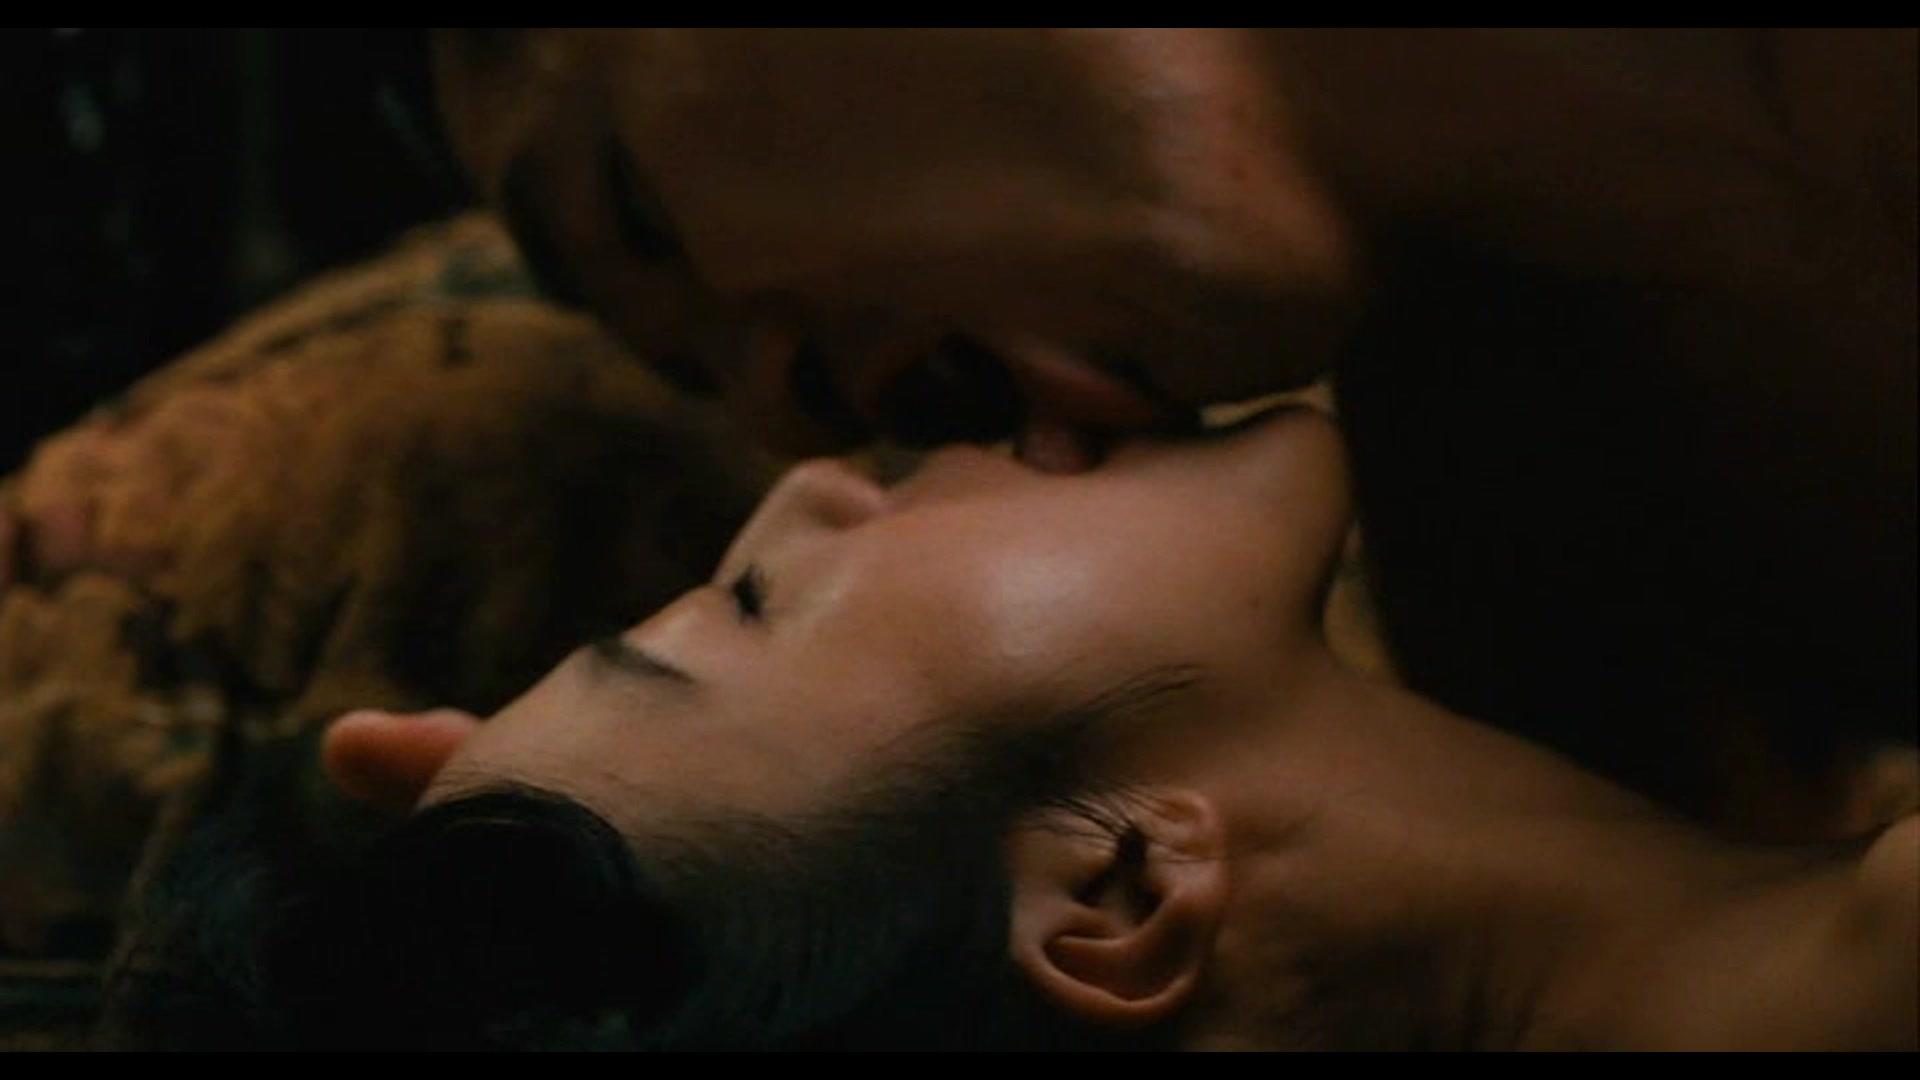 色戒男女主角全裸露毛打真枪没剪高清片段值得收藏